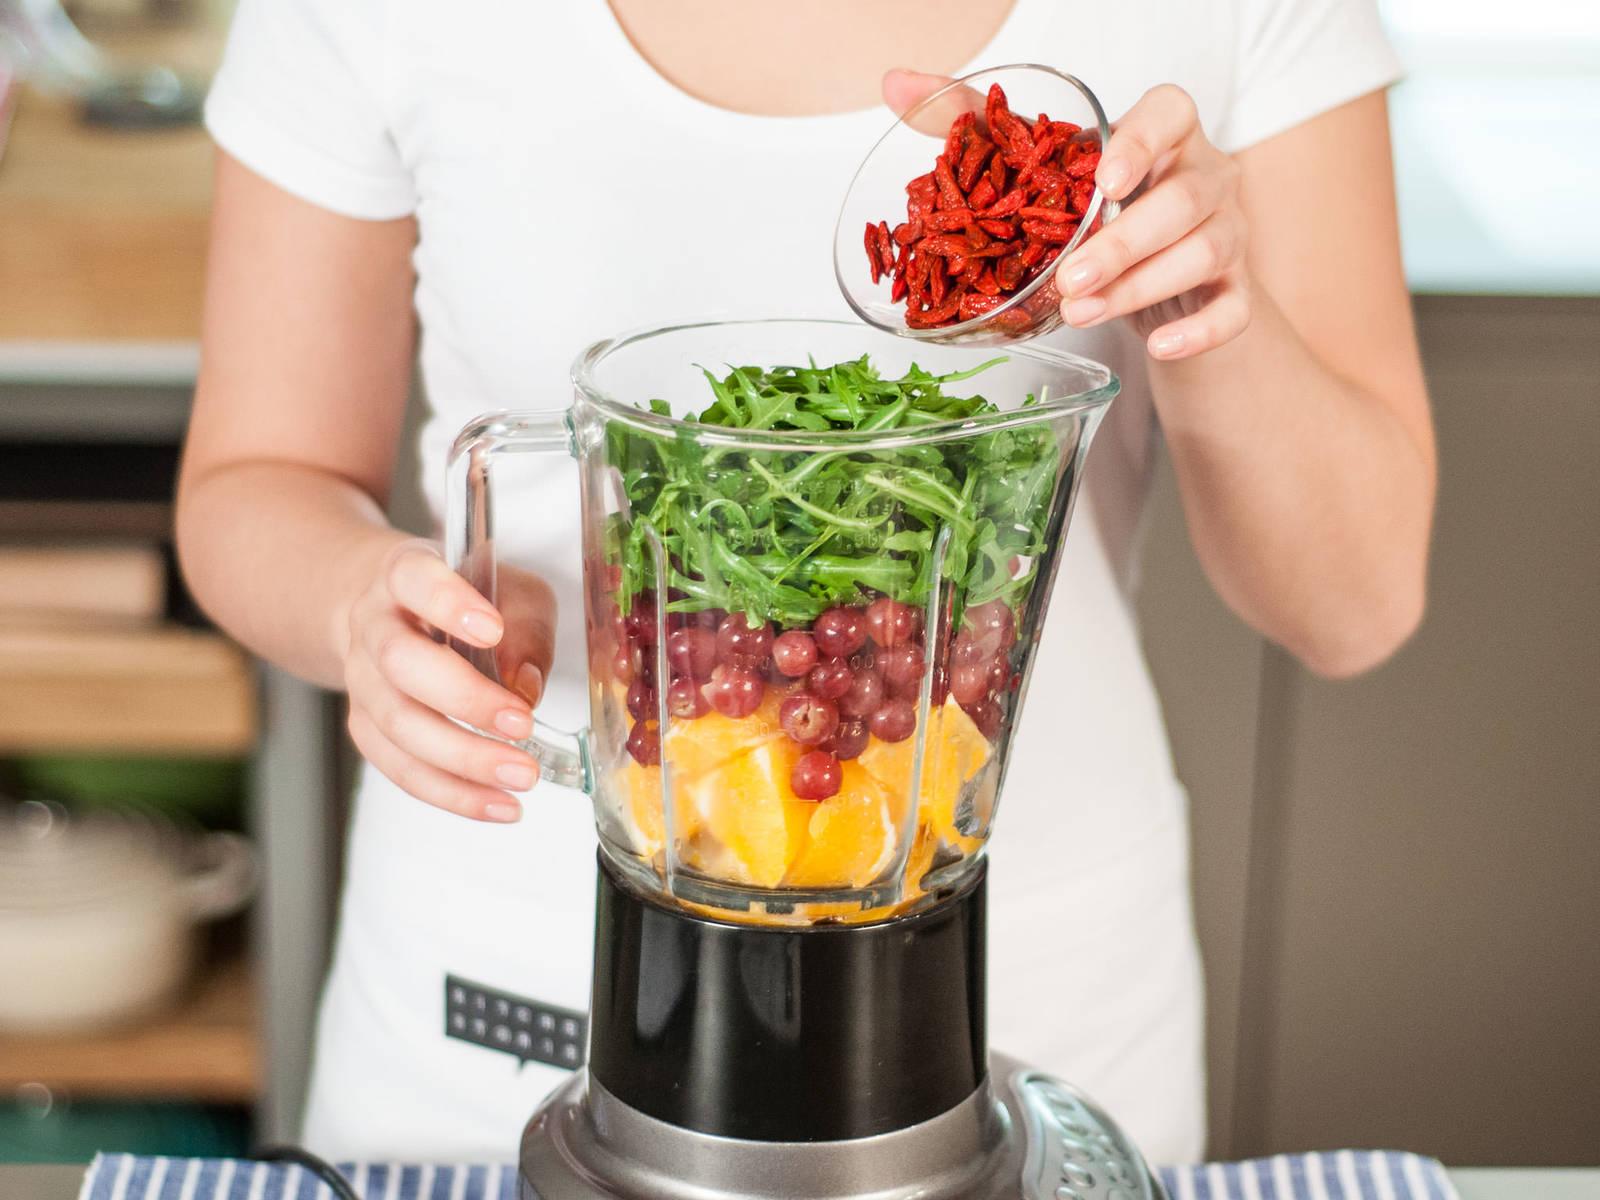 将香蕉、橙子、葡萄、芝麻菜、水、冰块和枸杞放入搅拌机中,高速搅拌1–2分钟至顺滑。可根据个人口味加入适量蜂蜜,以增加甜度。可作为零食或早餐享用!